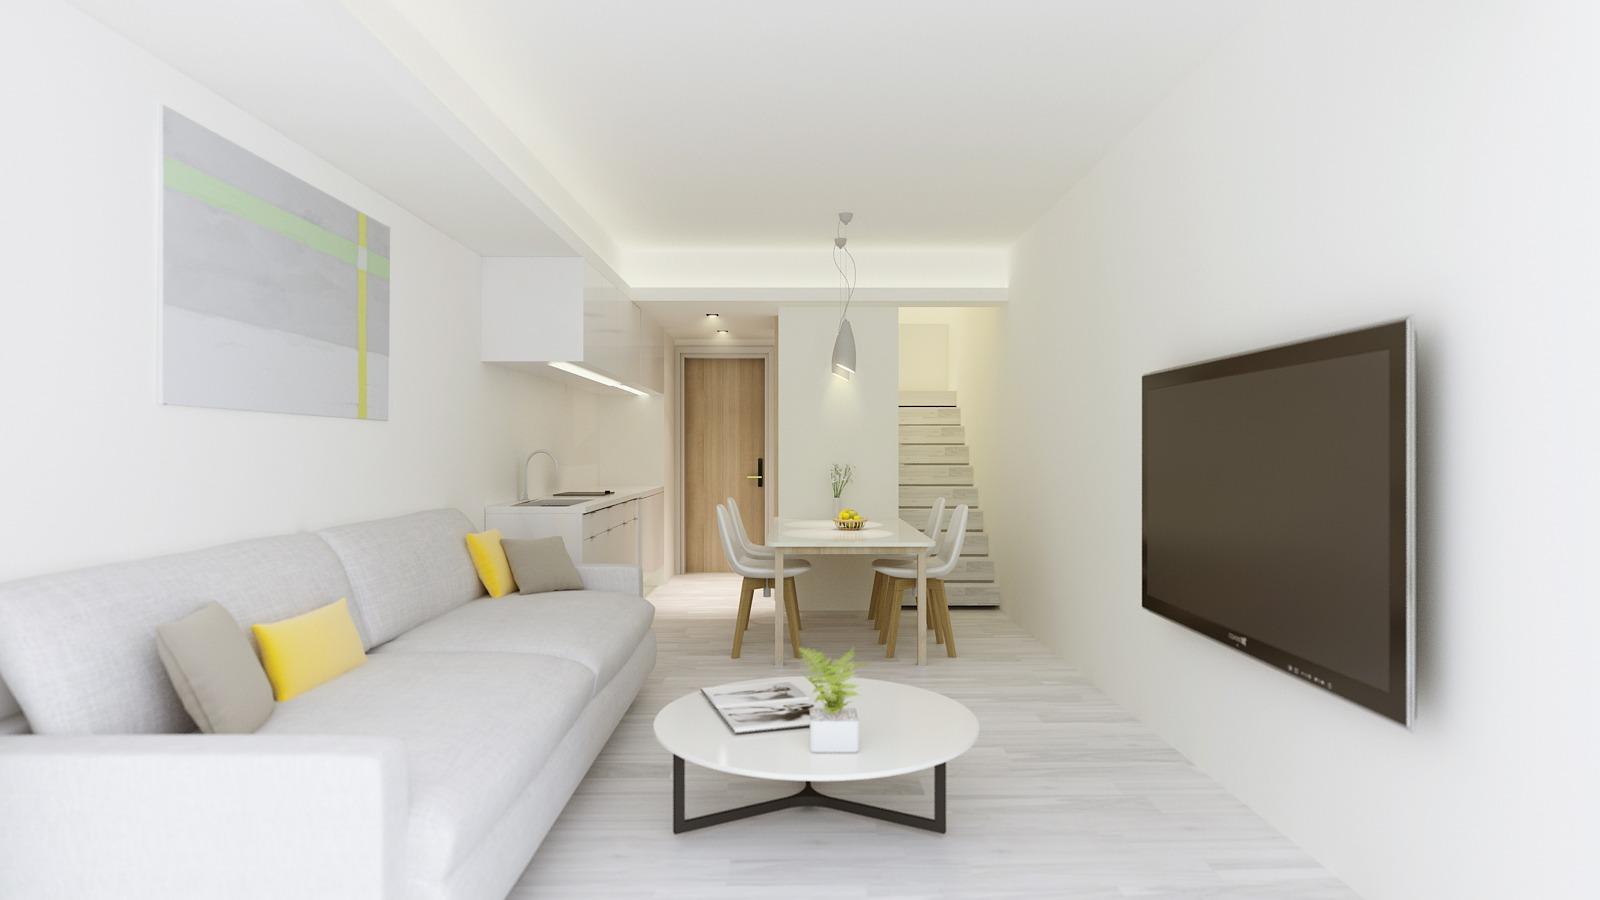 宜蘭德築建設,築米智慧家庭安裝規劃一次到位